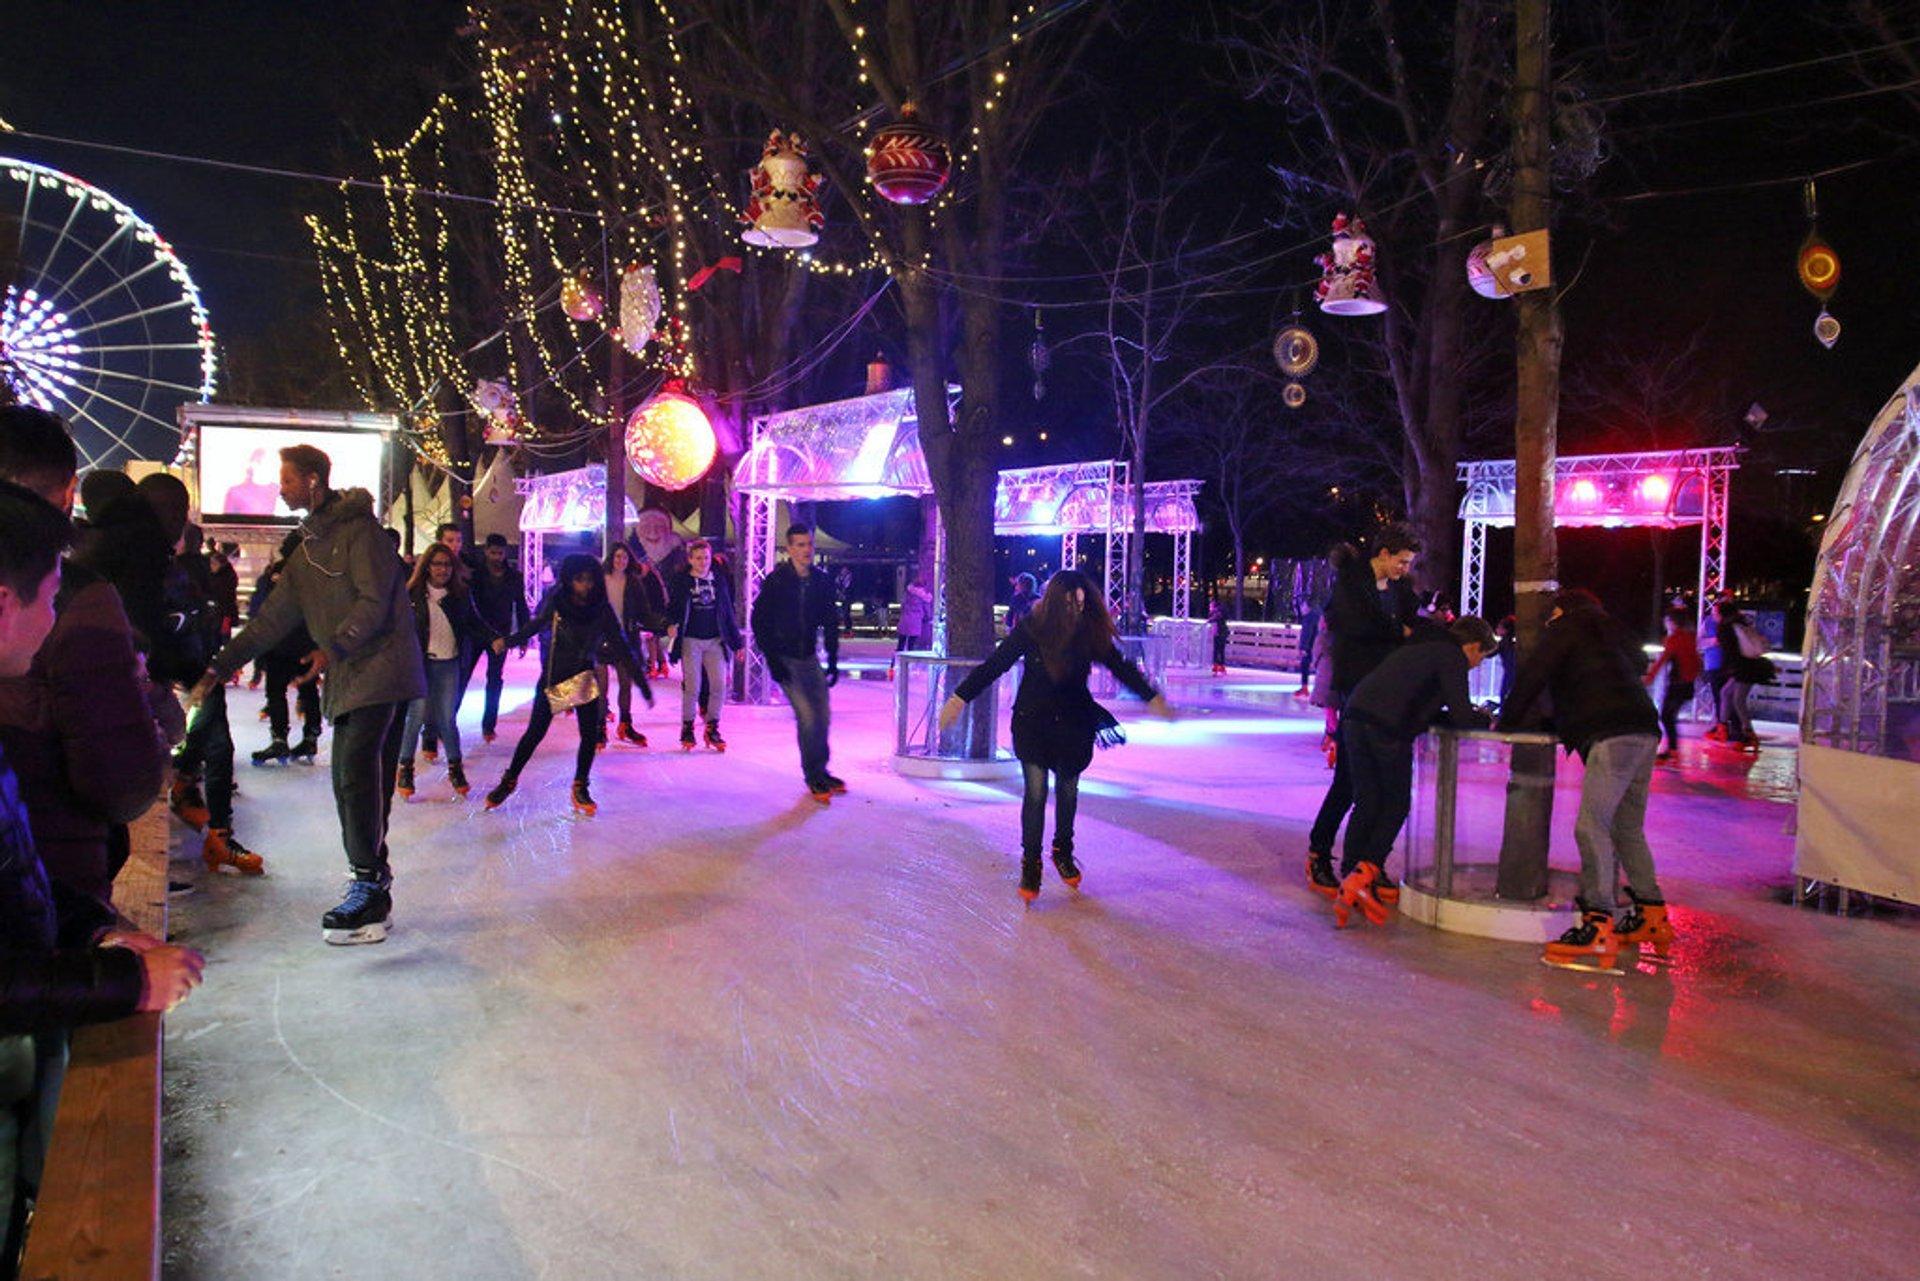 Champs-Élysées - Christmas Market 2020